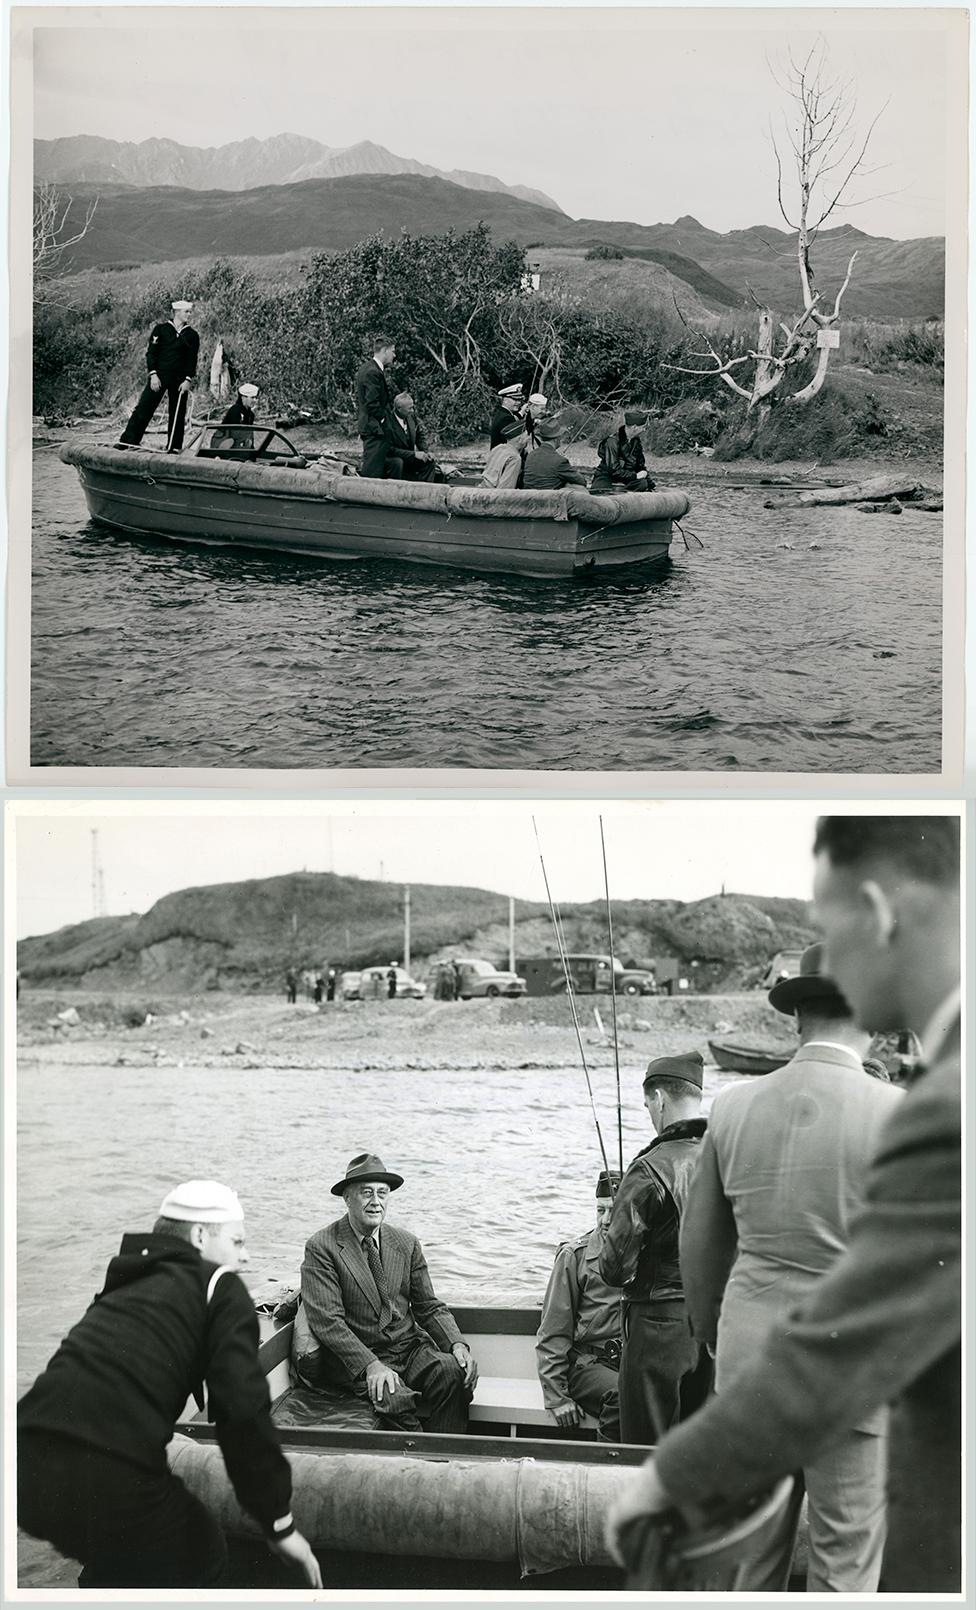 two images of President Franklin D. Roosevelt in Alaska in 1944